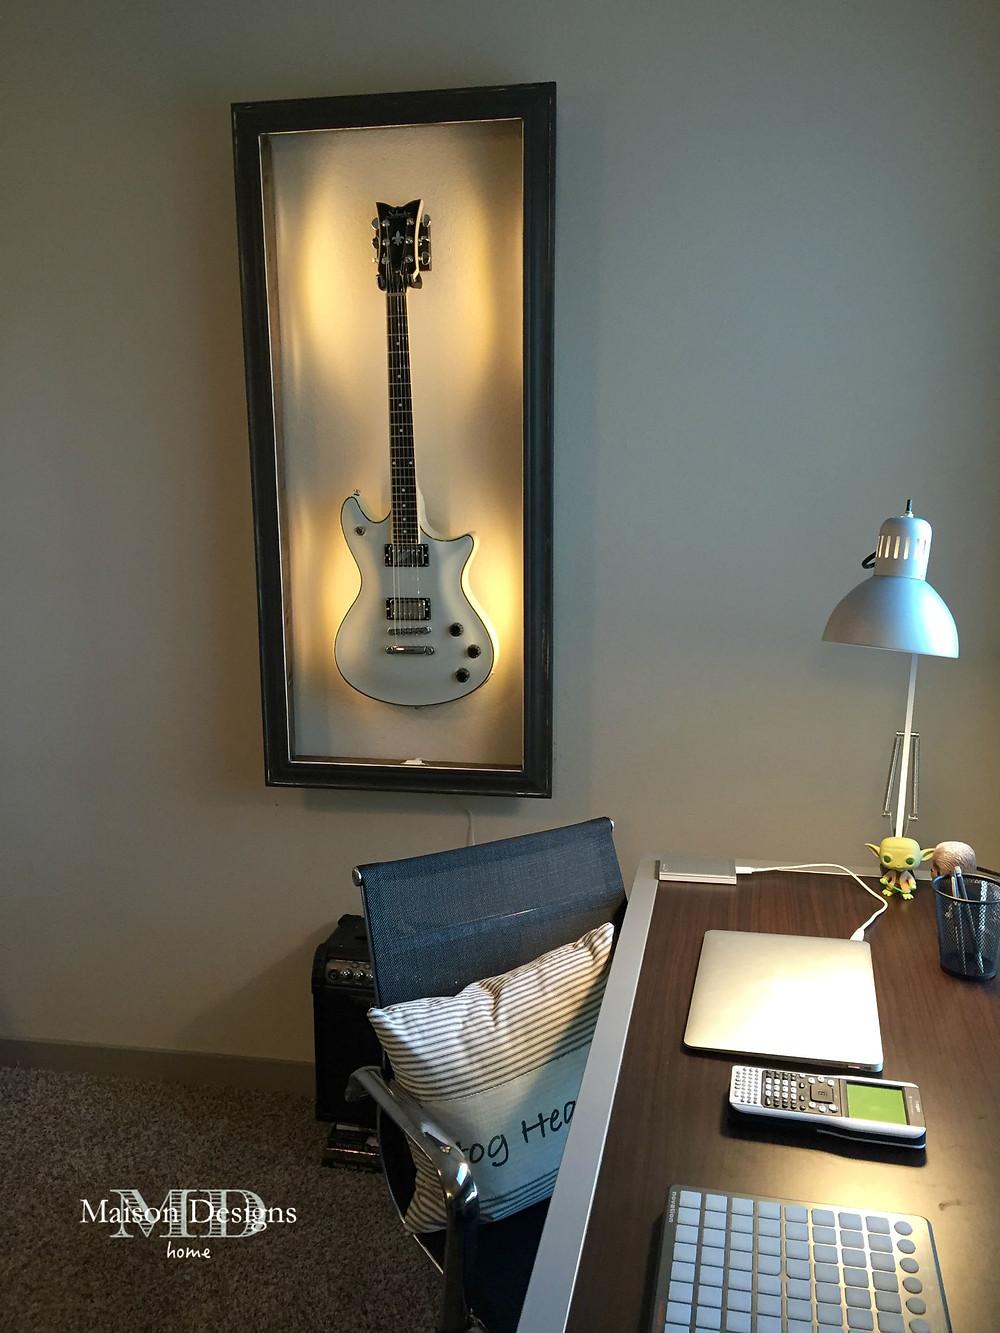 DIY Guitar Shadow Box-Maison Designs Home